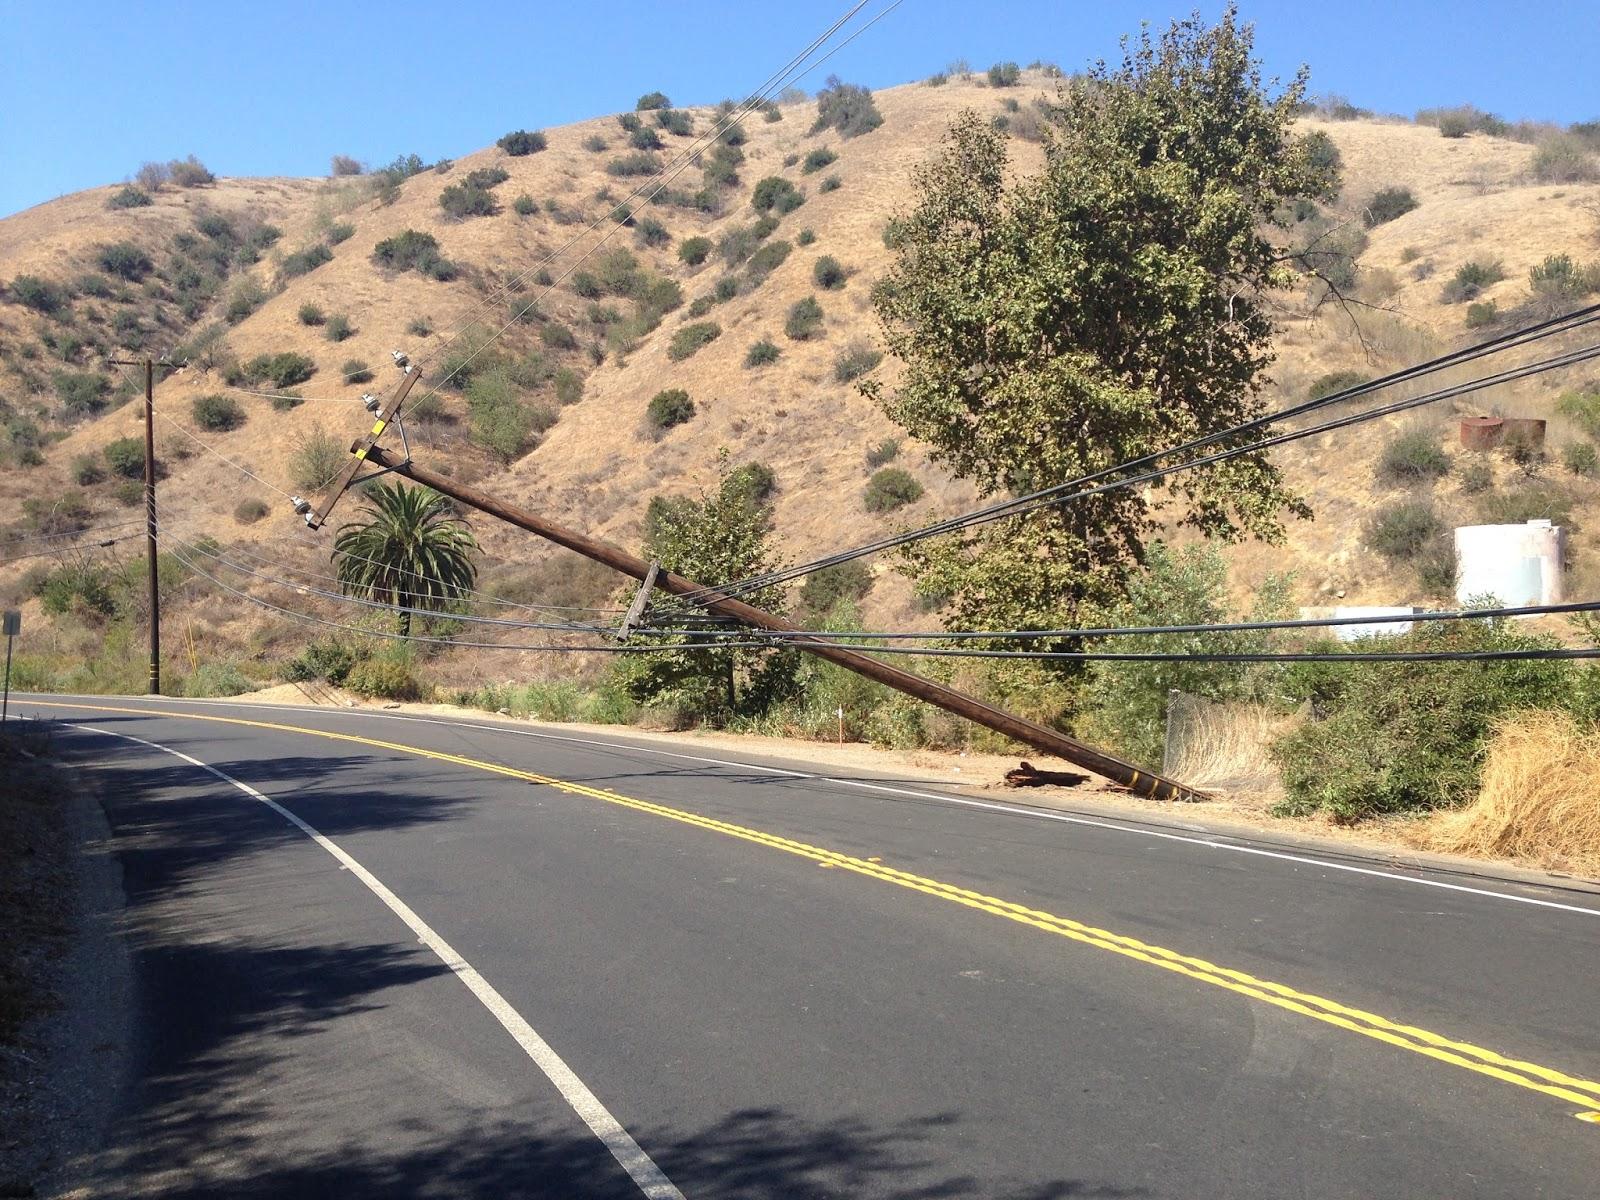 Carbon Canyon Car Crash